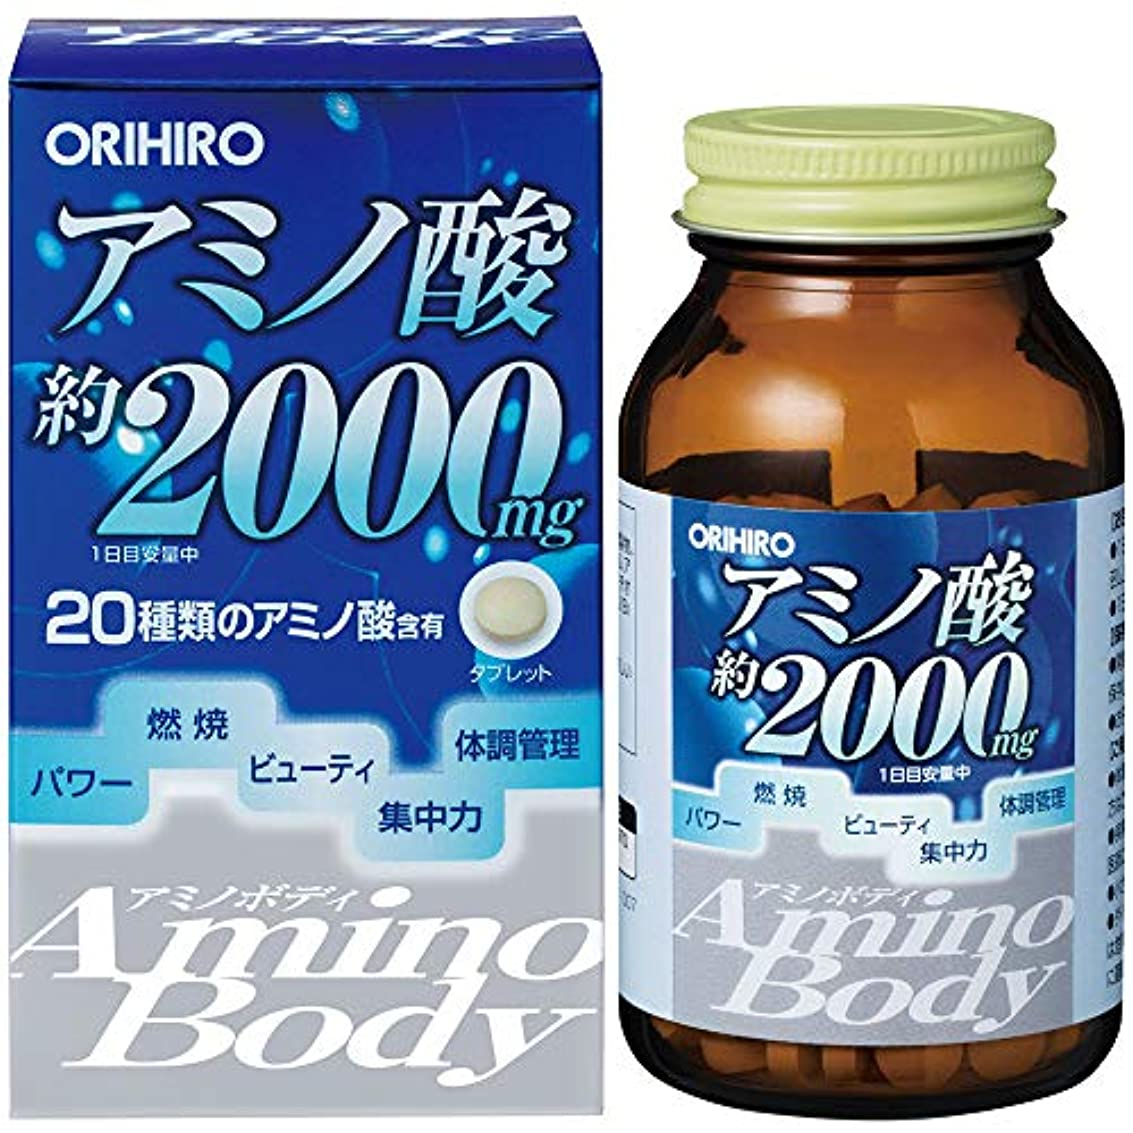 興奮するアグネスグレイ虚偽オリヒロ Amino Body アミノボディ(大豆ペプチド)